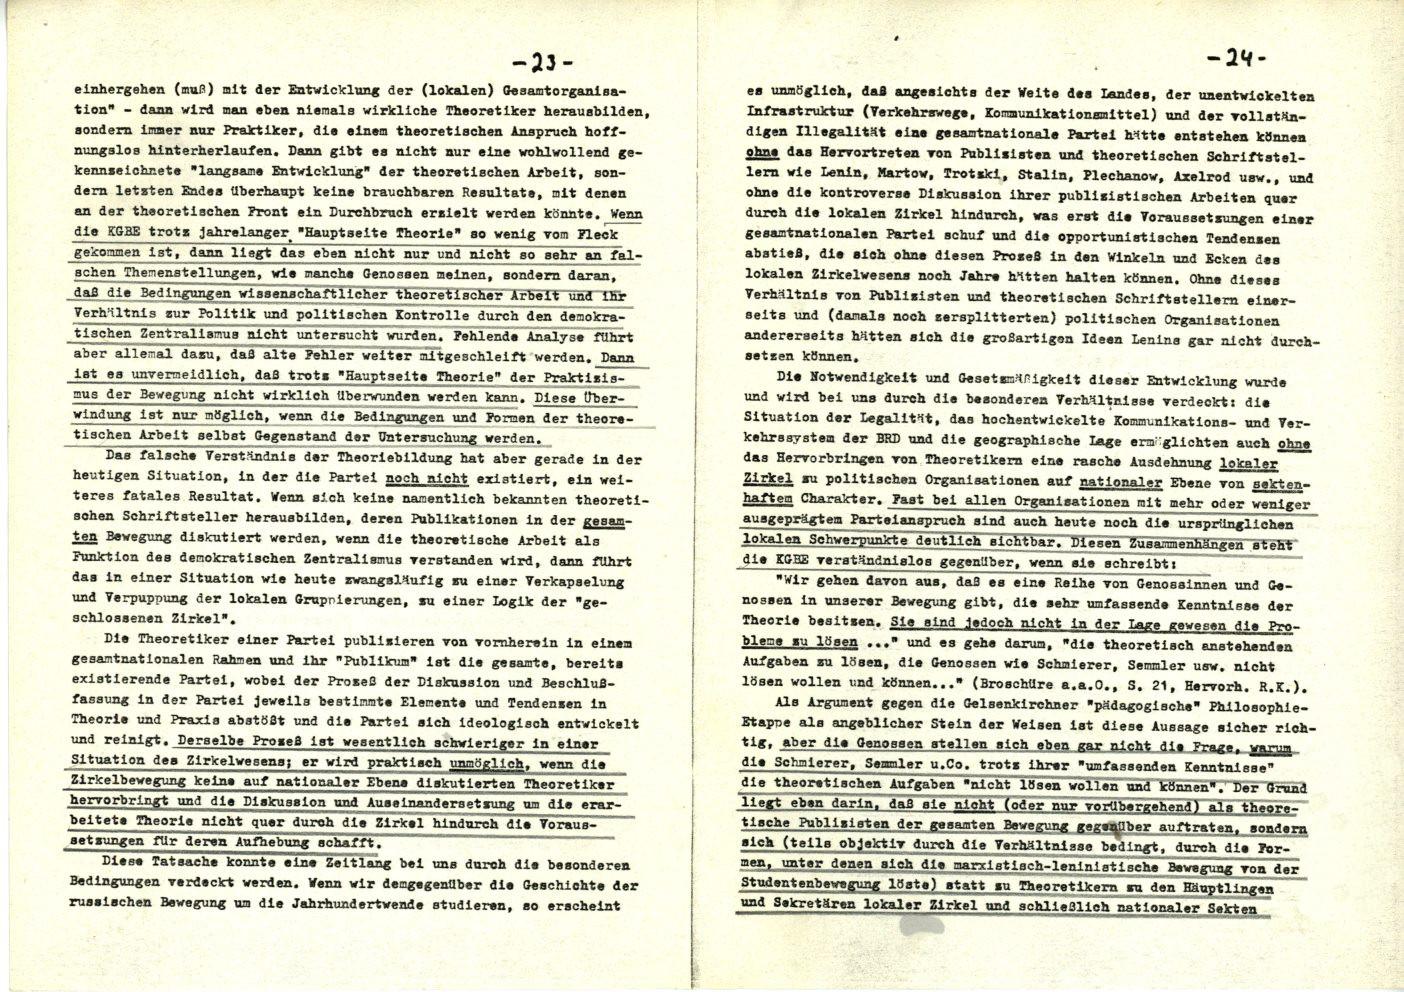 Nuernberg_Fuerth_Erlangen_ML_Diskussionsbeitraege_1978_01_13